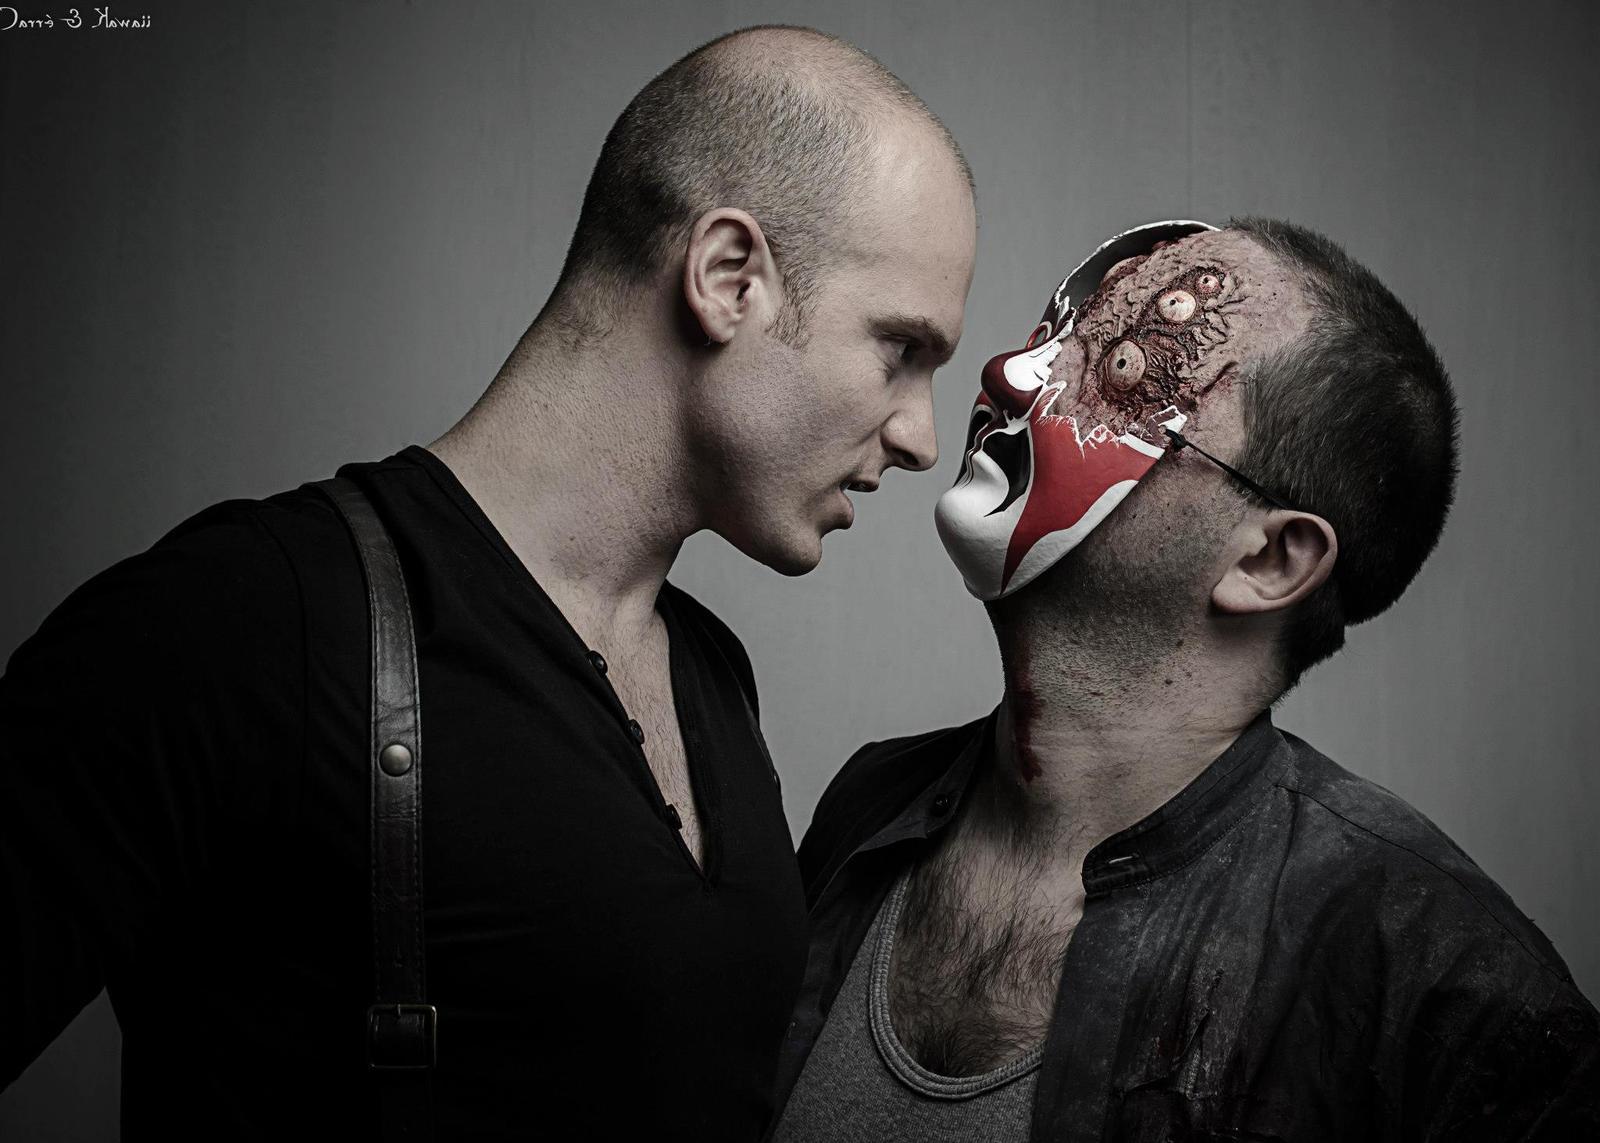 Jake Muller VS J'avo by John-MacGyver